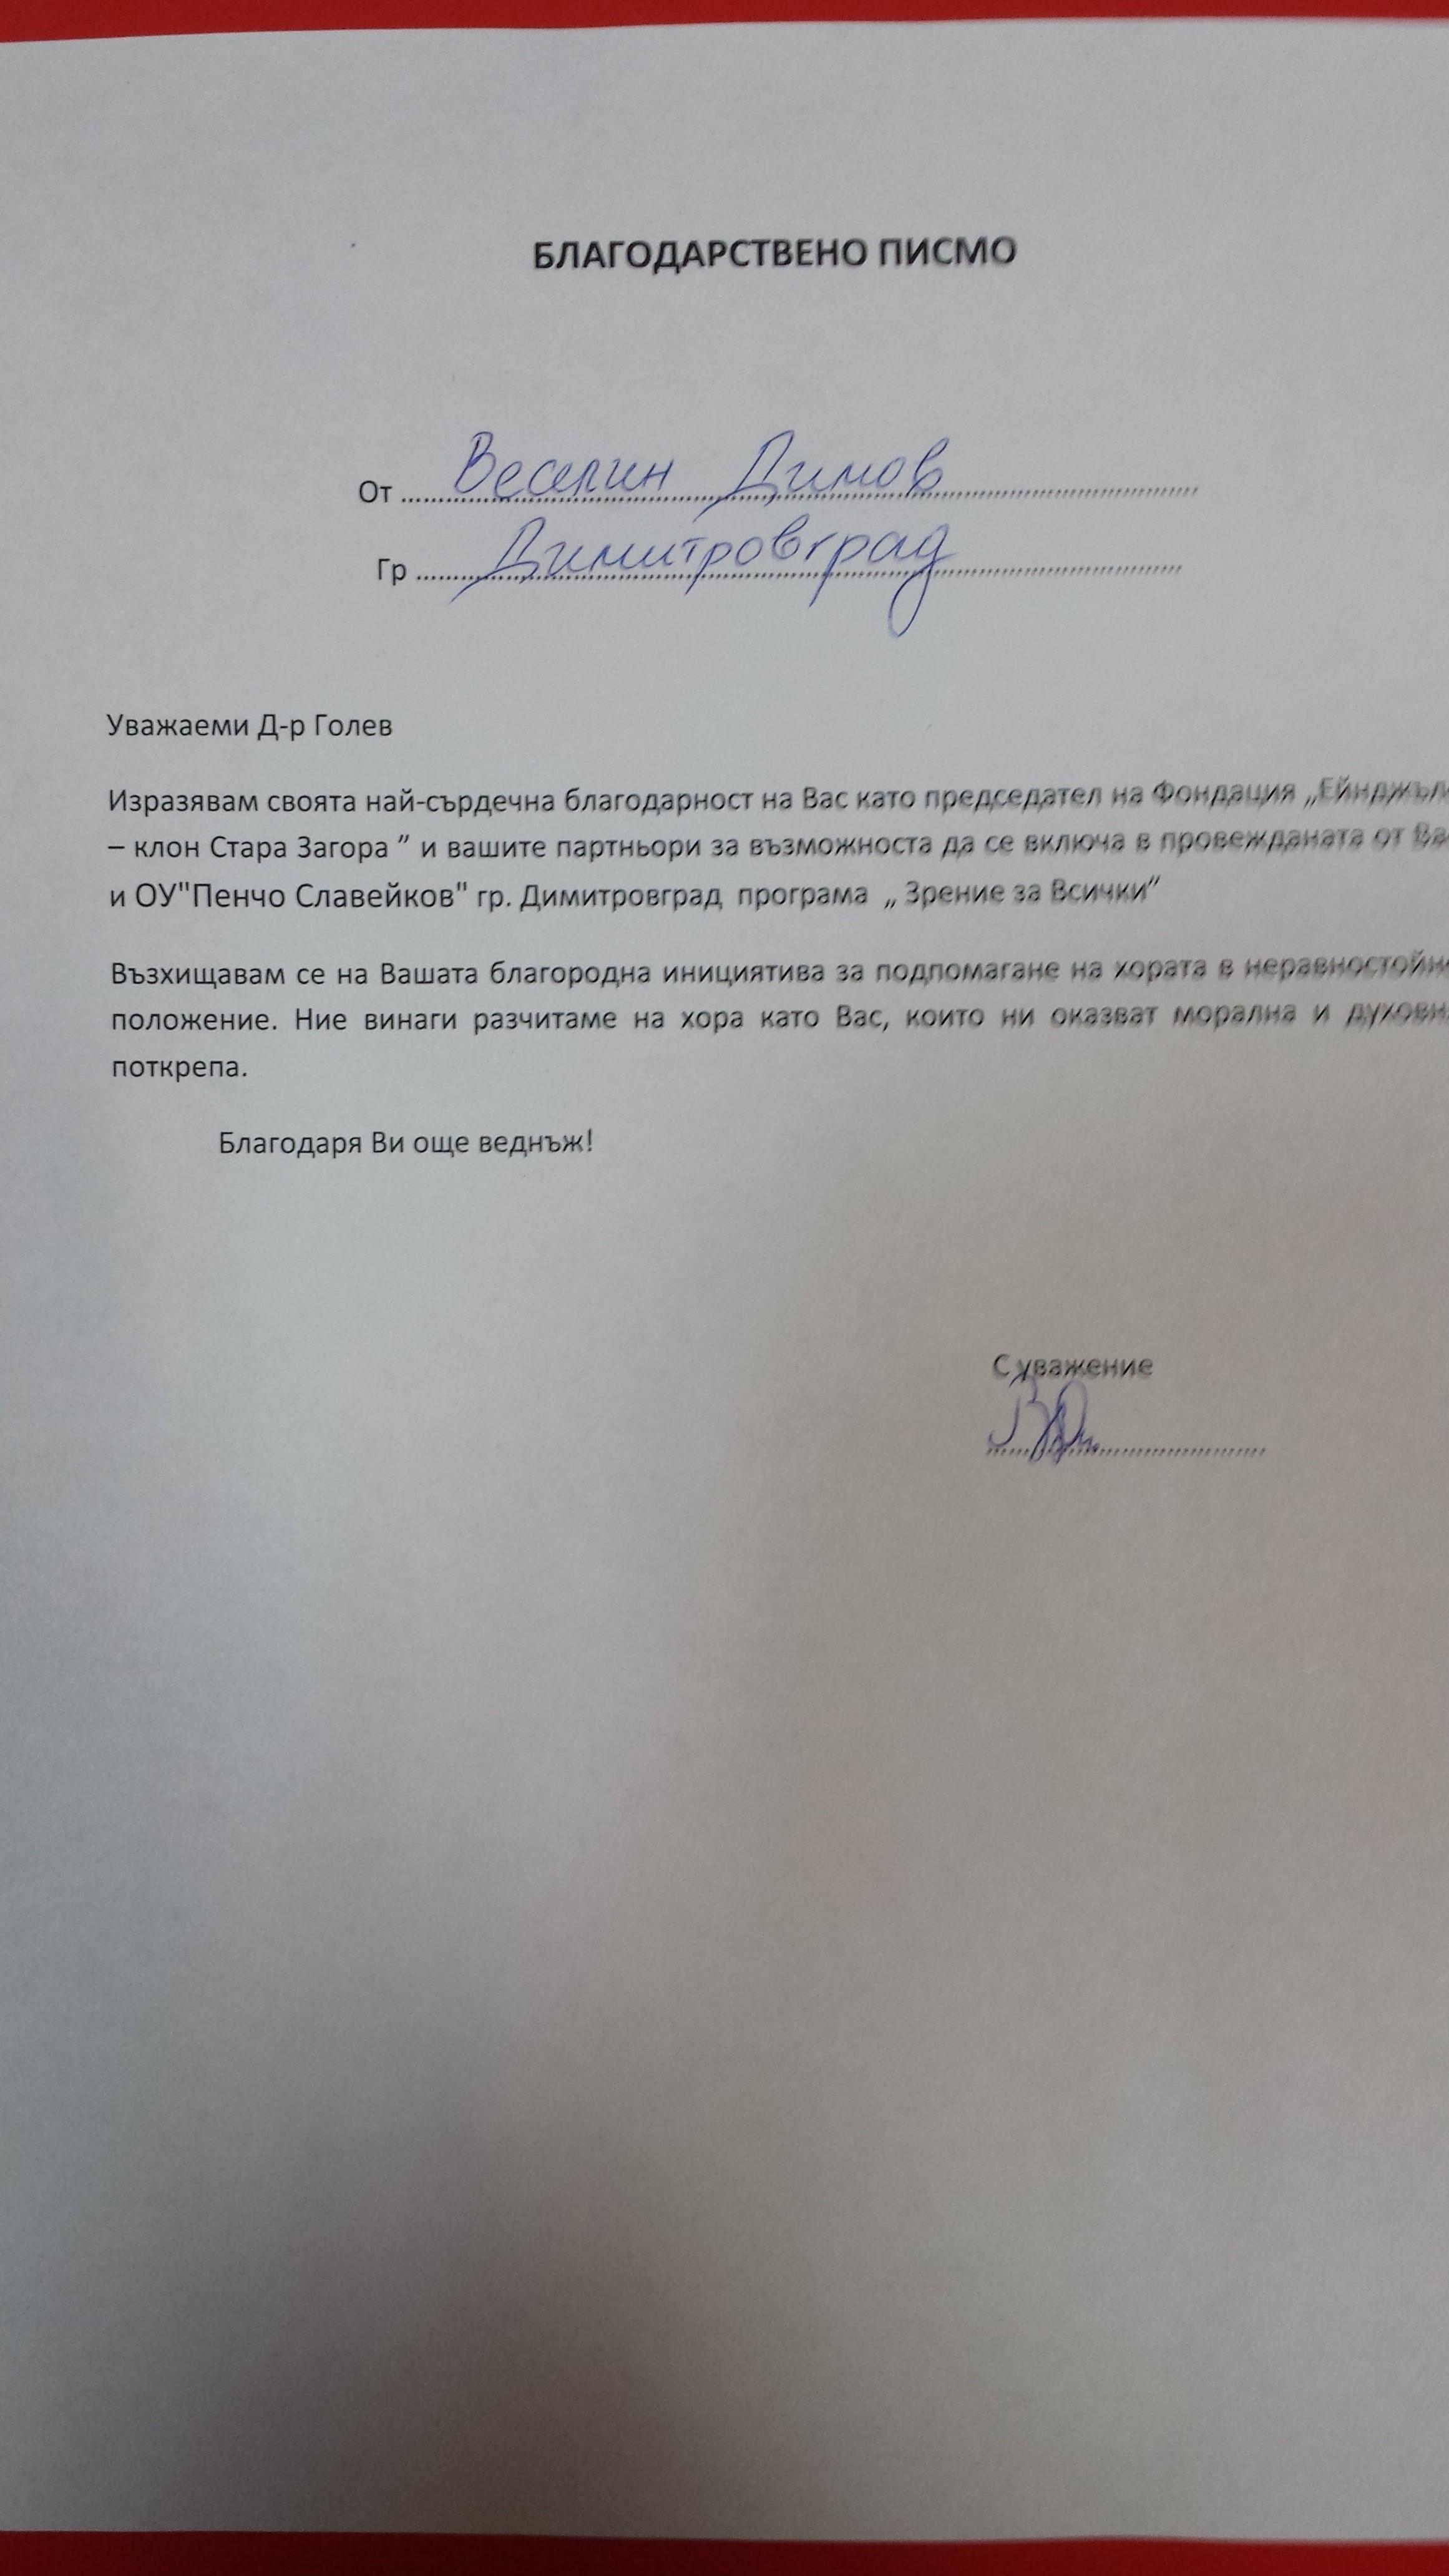 Благодарствено писмо Веселин Димов, Зрение за всички